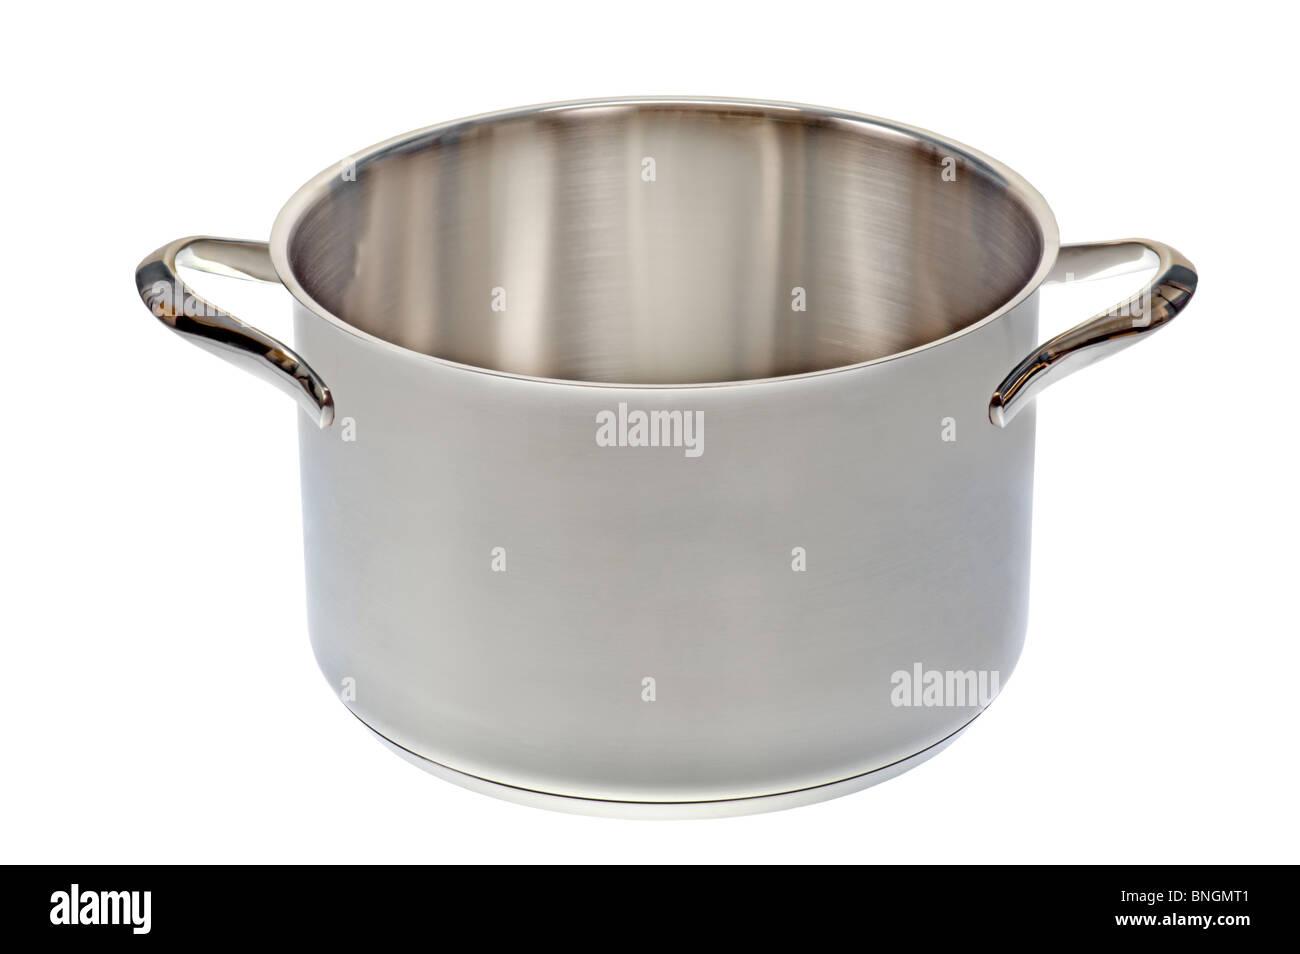 Marmite casserole cuisine ouverte cuire ware cromargan acier inoxydable en acier spécial résistant à Photo Stock